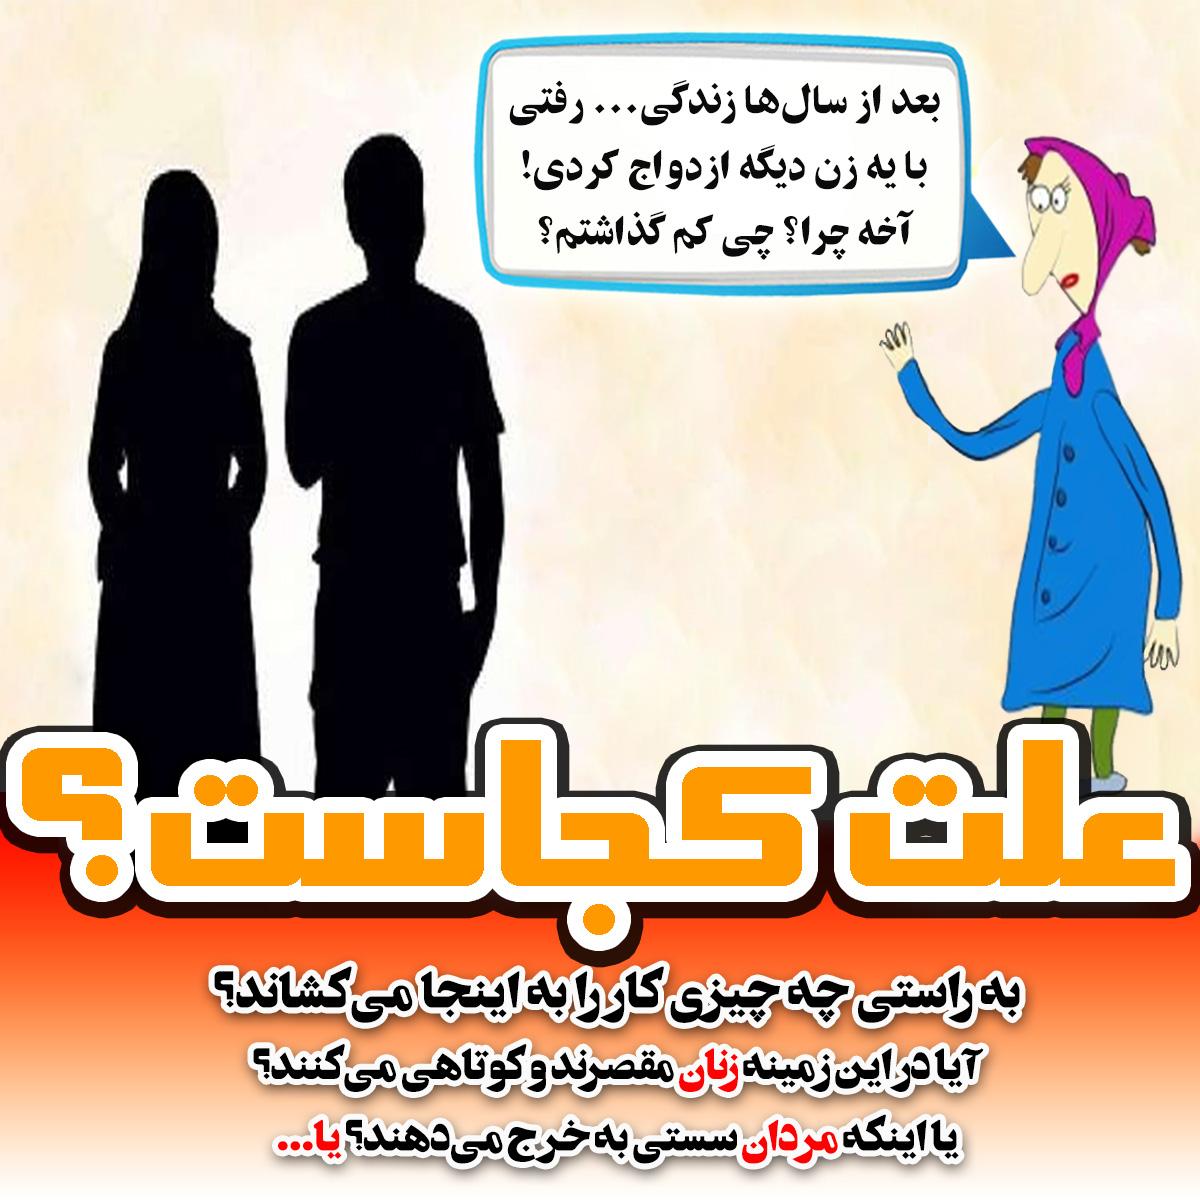 چند همسری,تعدد زوجات